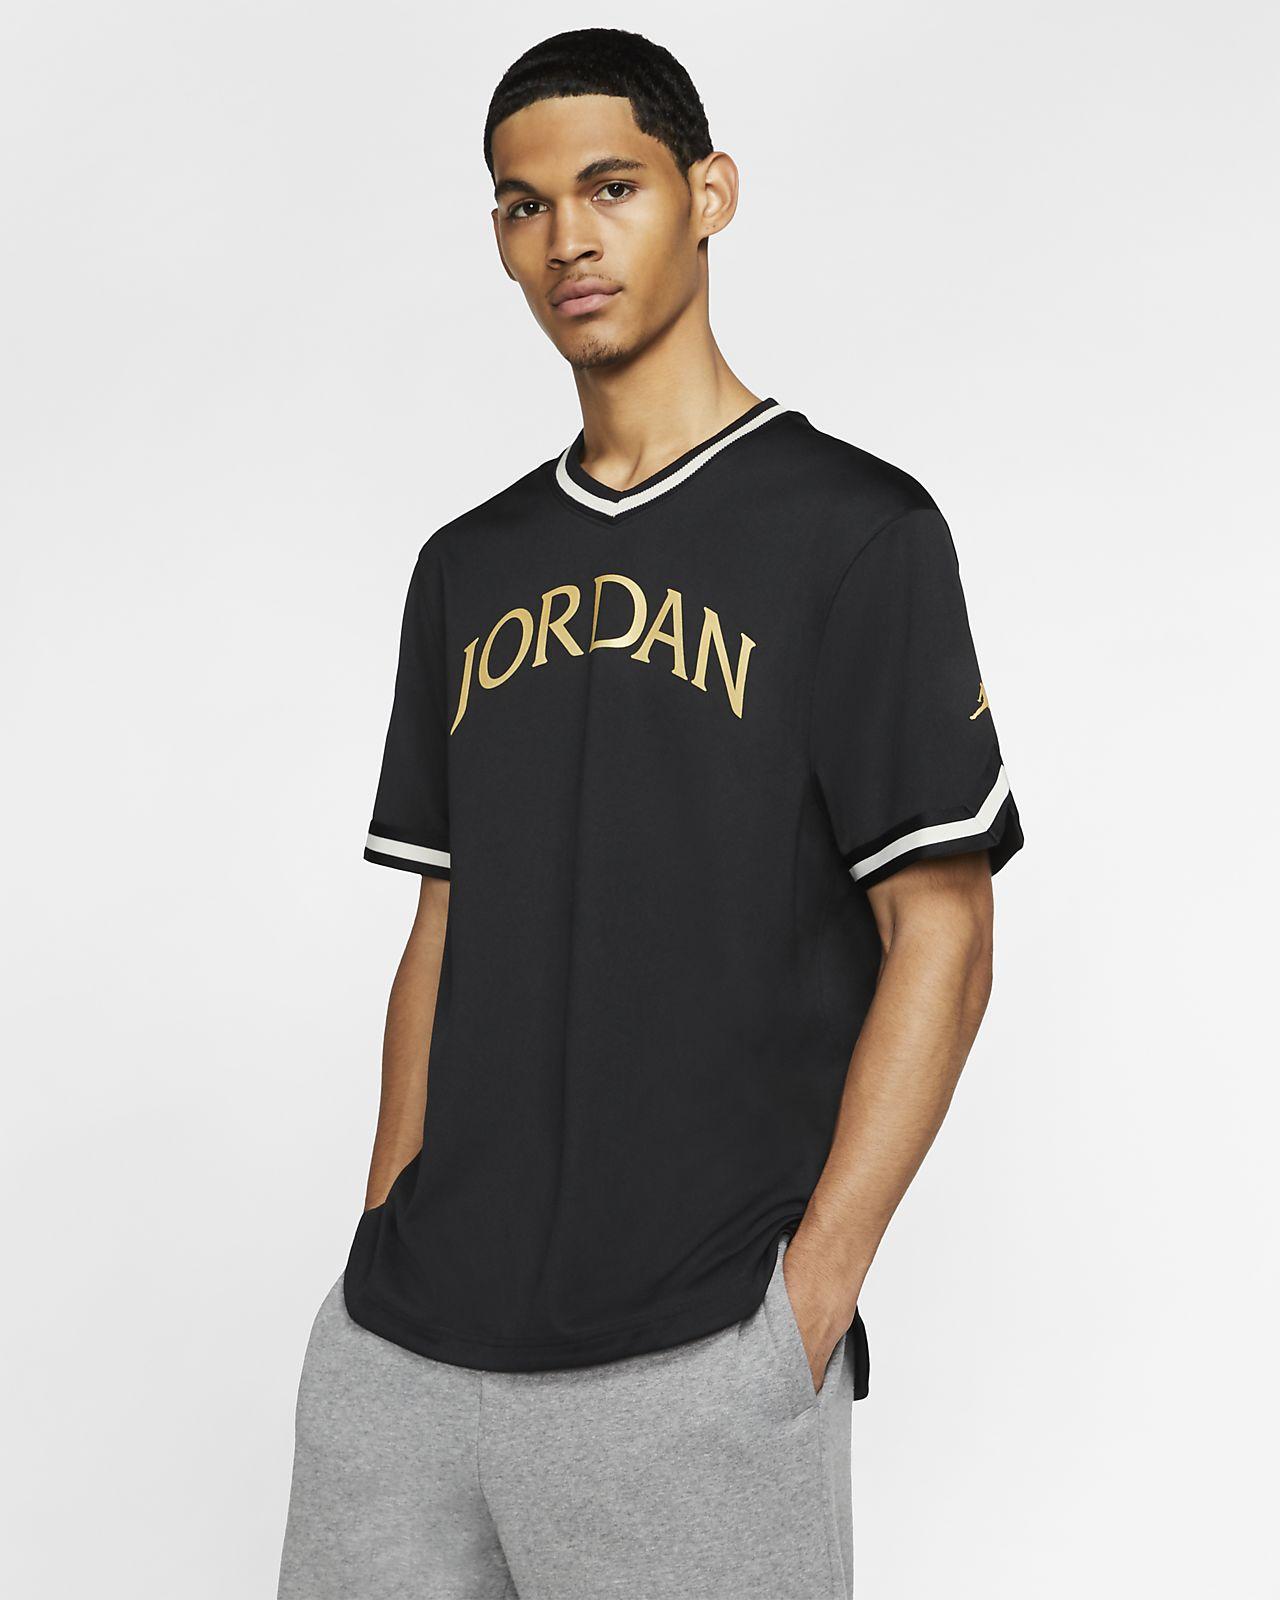 Jordan Remastered Top